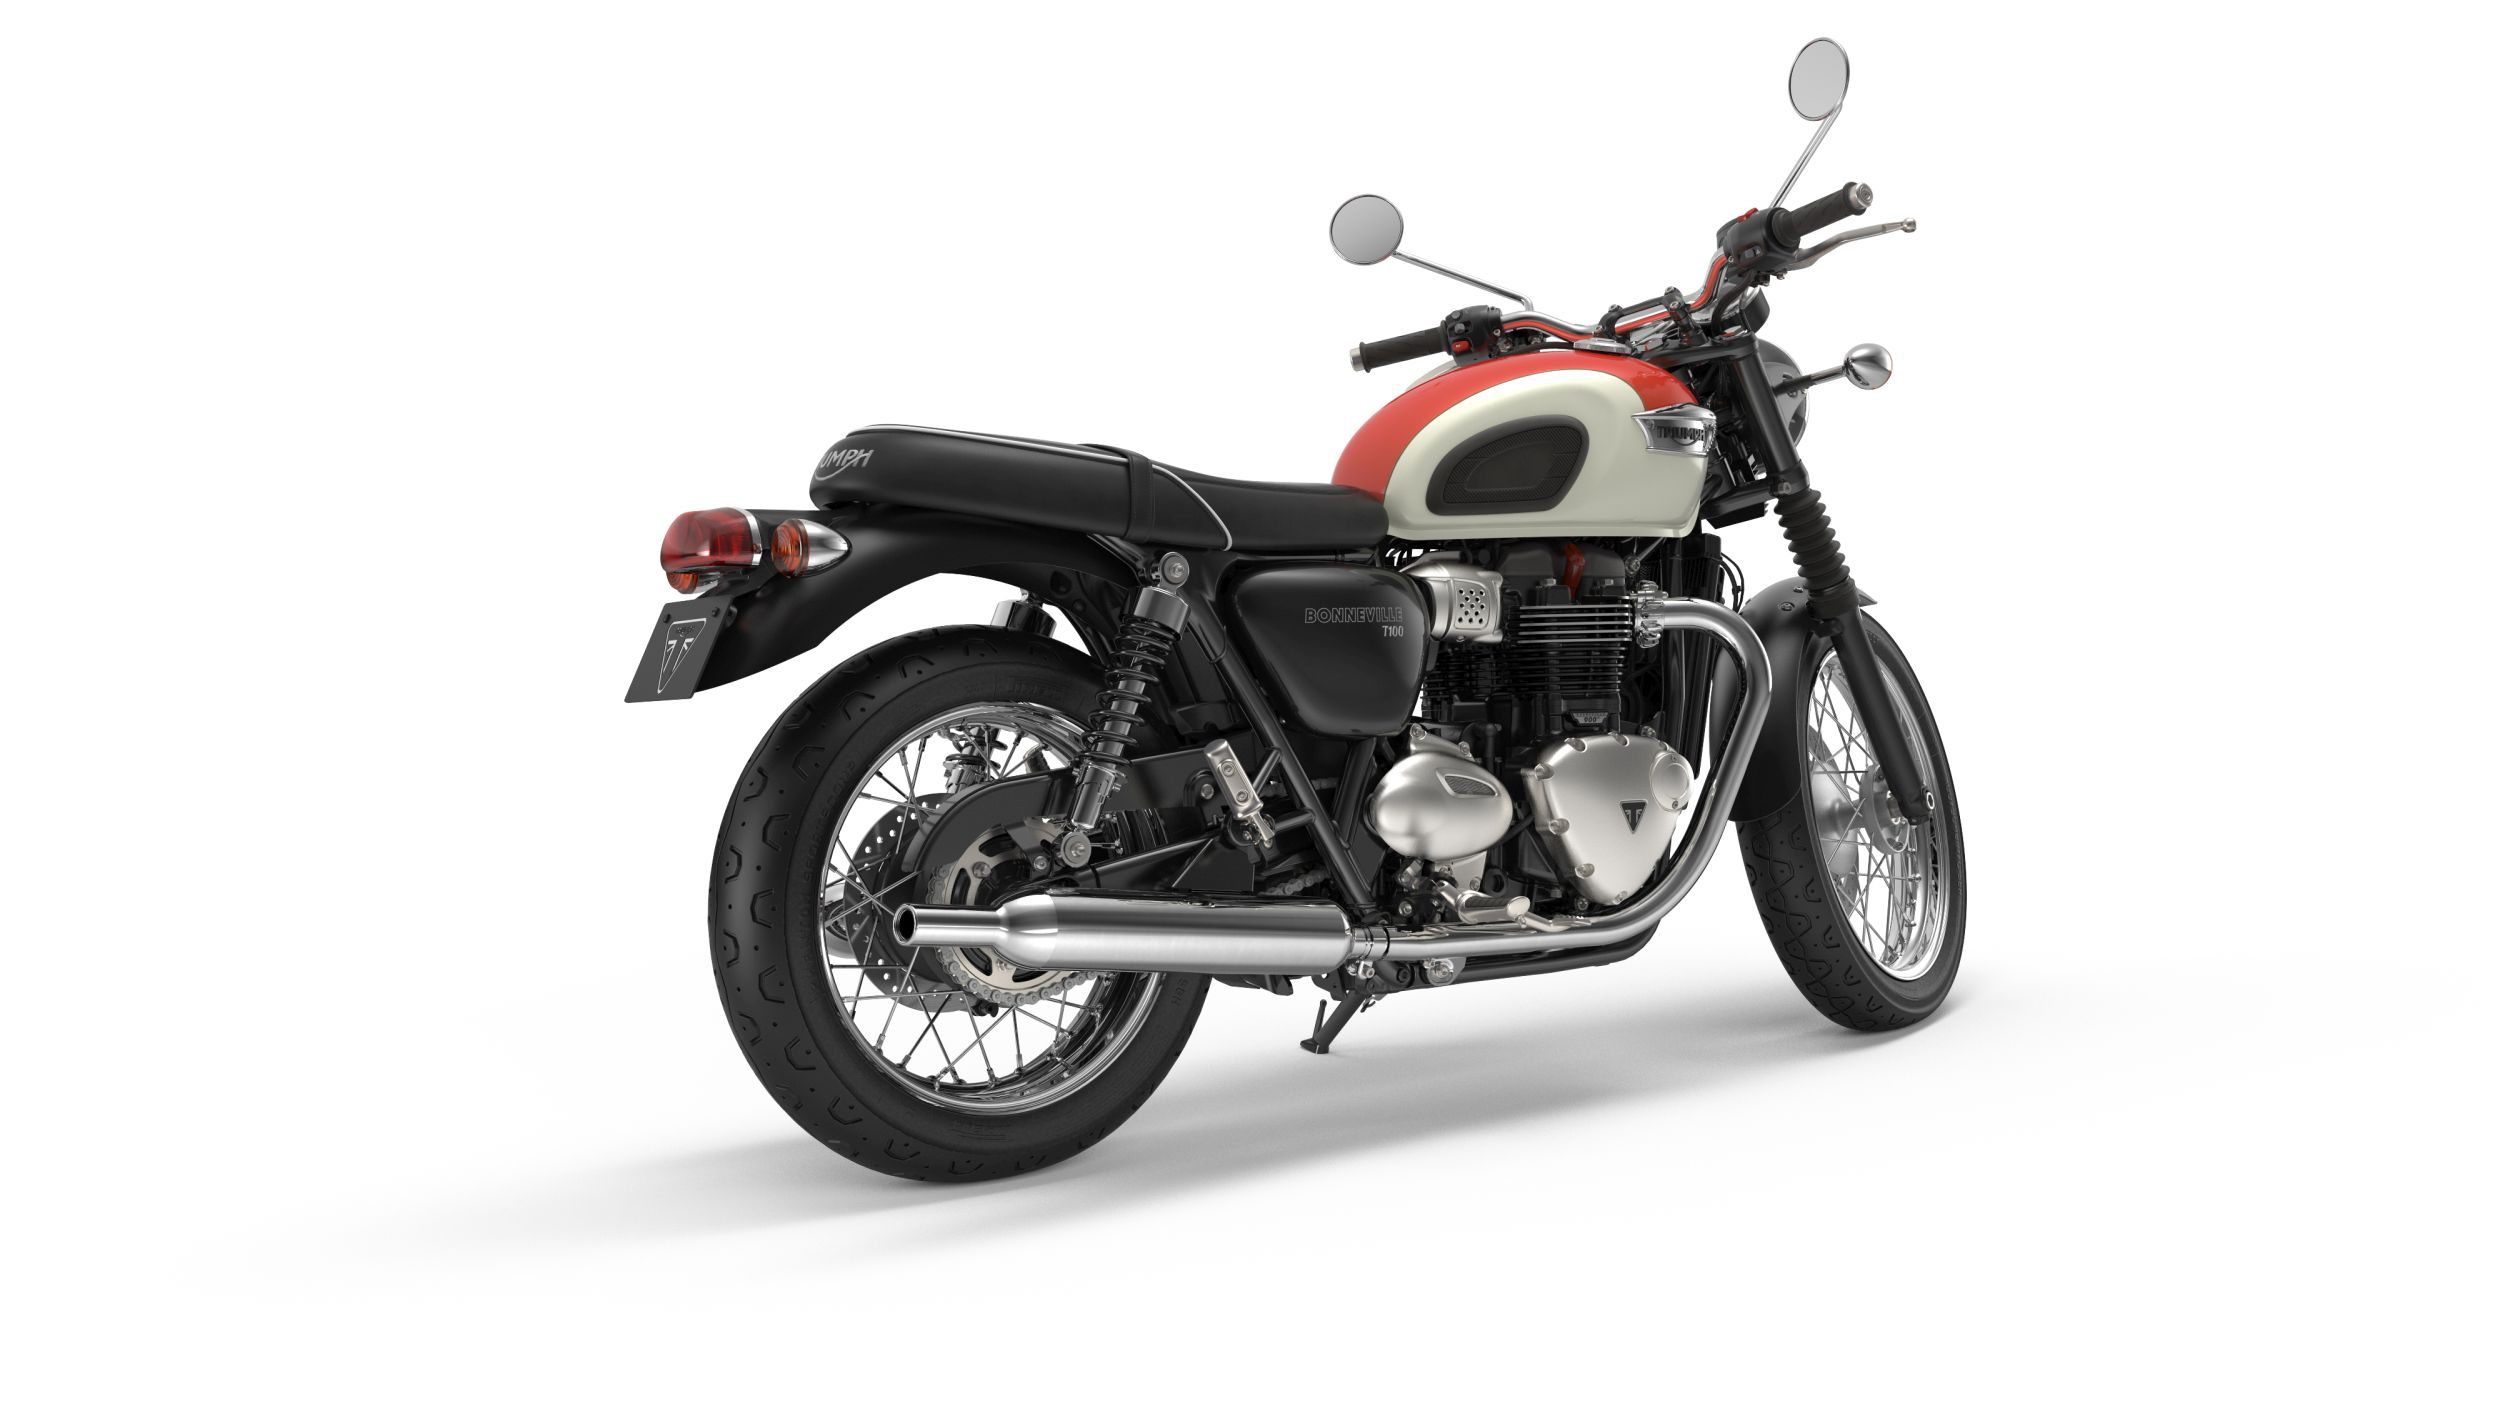 Gebrauchte Und Neue Triumph Bonneville T100 Motorräder Kaufen